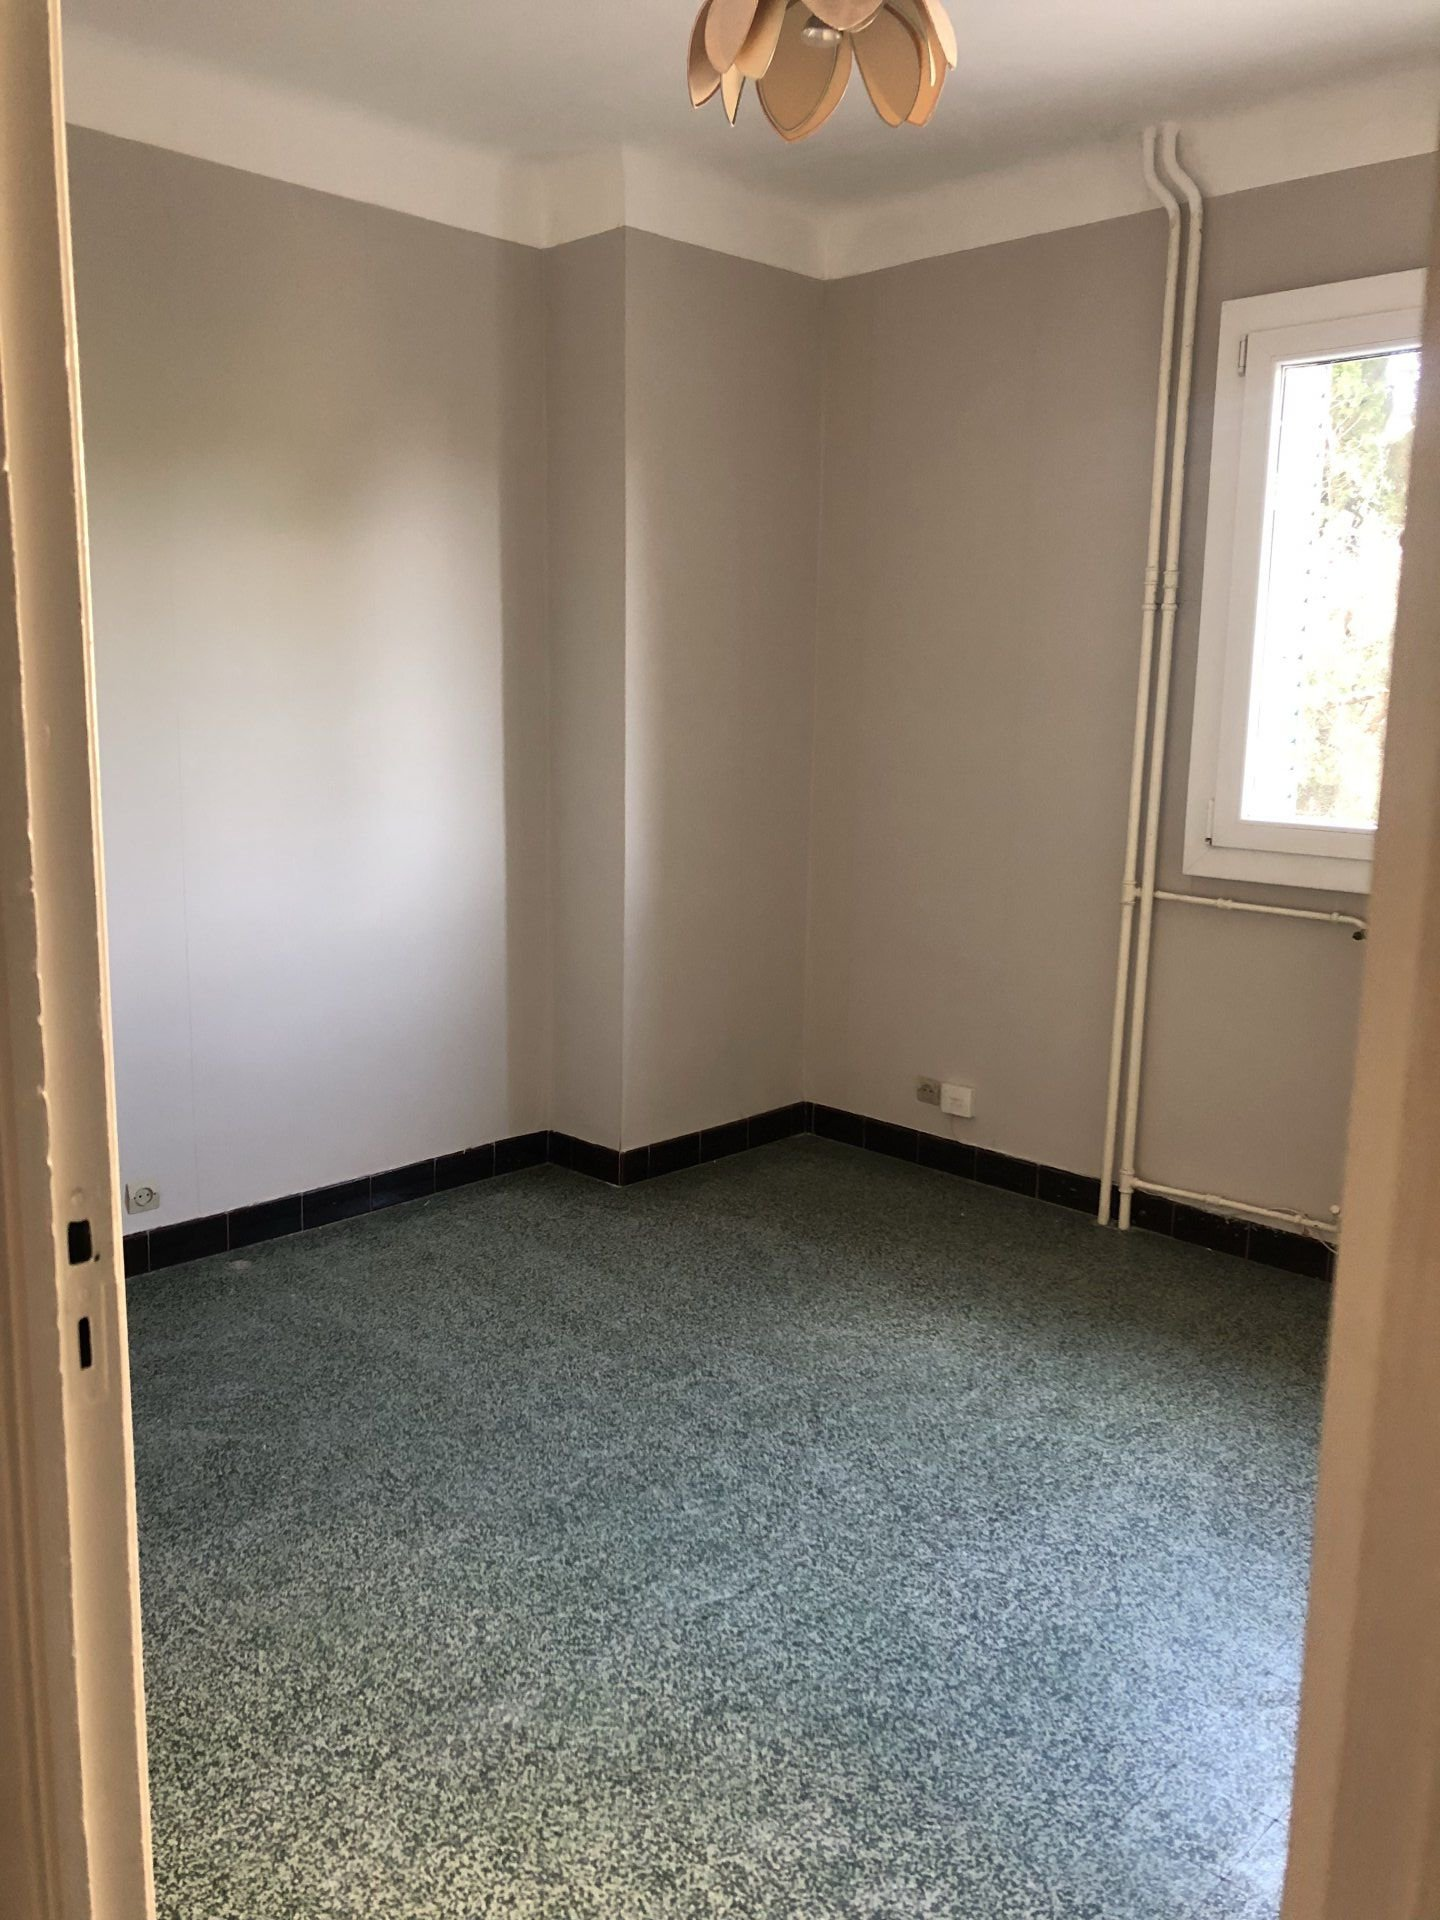 Appartement de Type 3/4 St giniez 13008